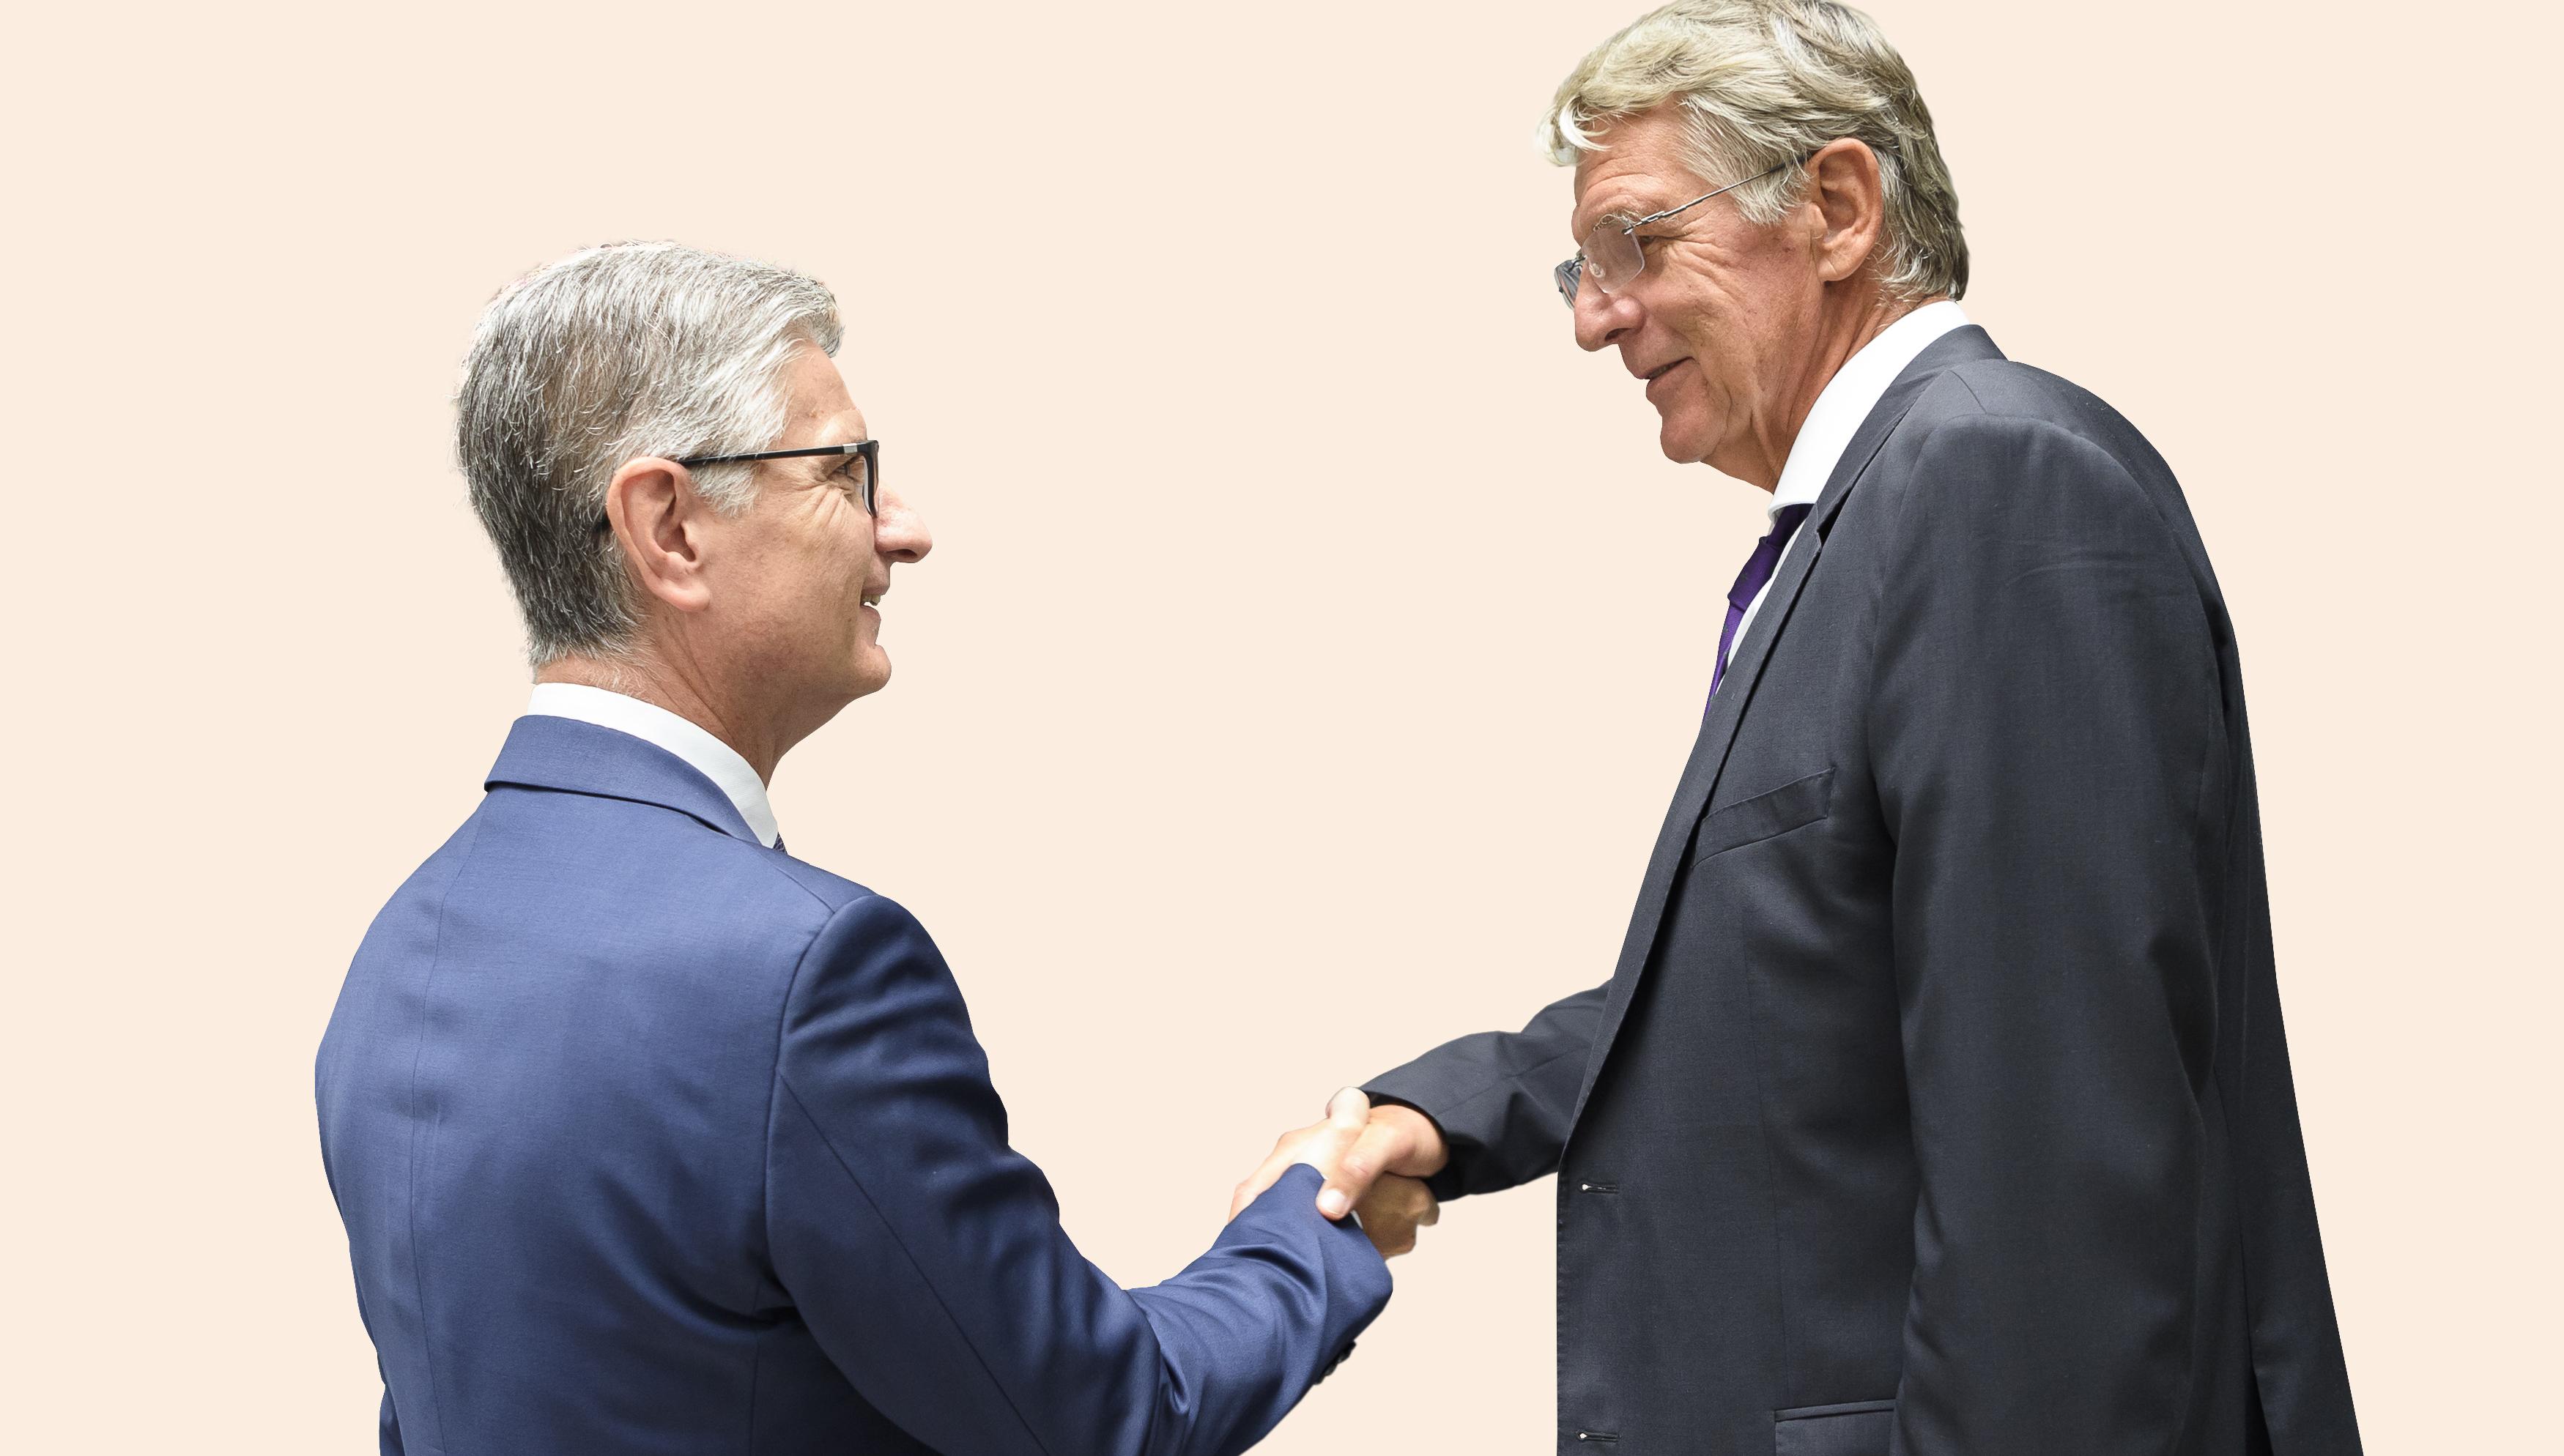 Bobinac lani ni dobil nagrade, je pa z vsakim evrom njegove plače Gorenje naredilo 311 evrov čiste izgube